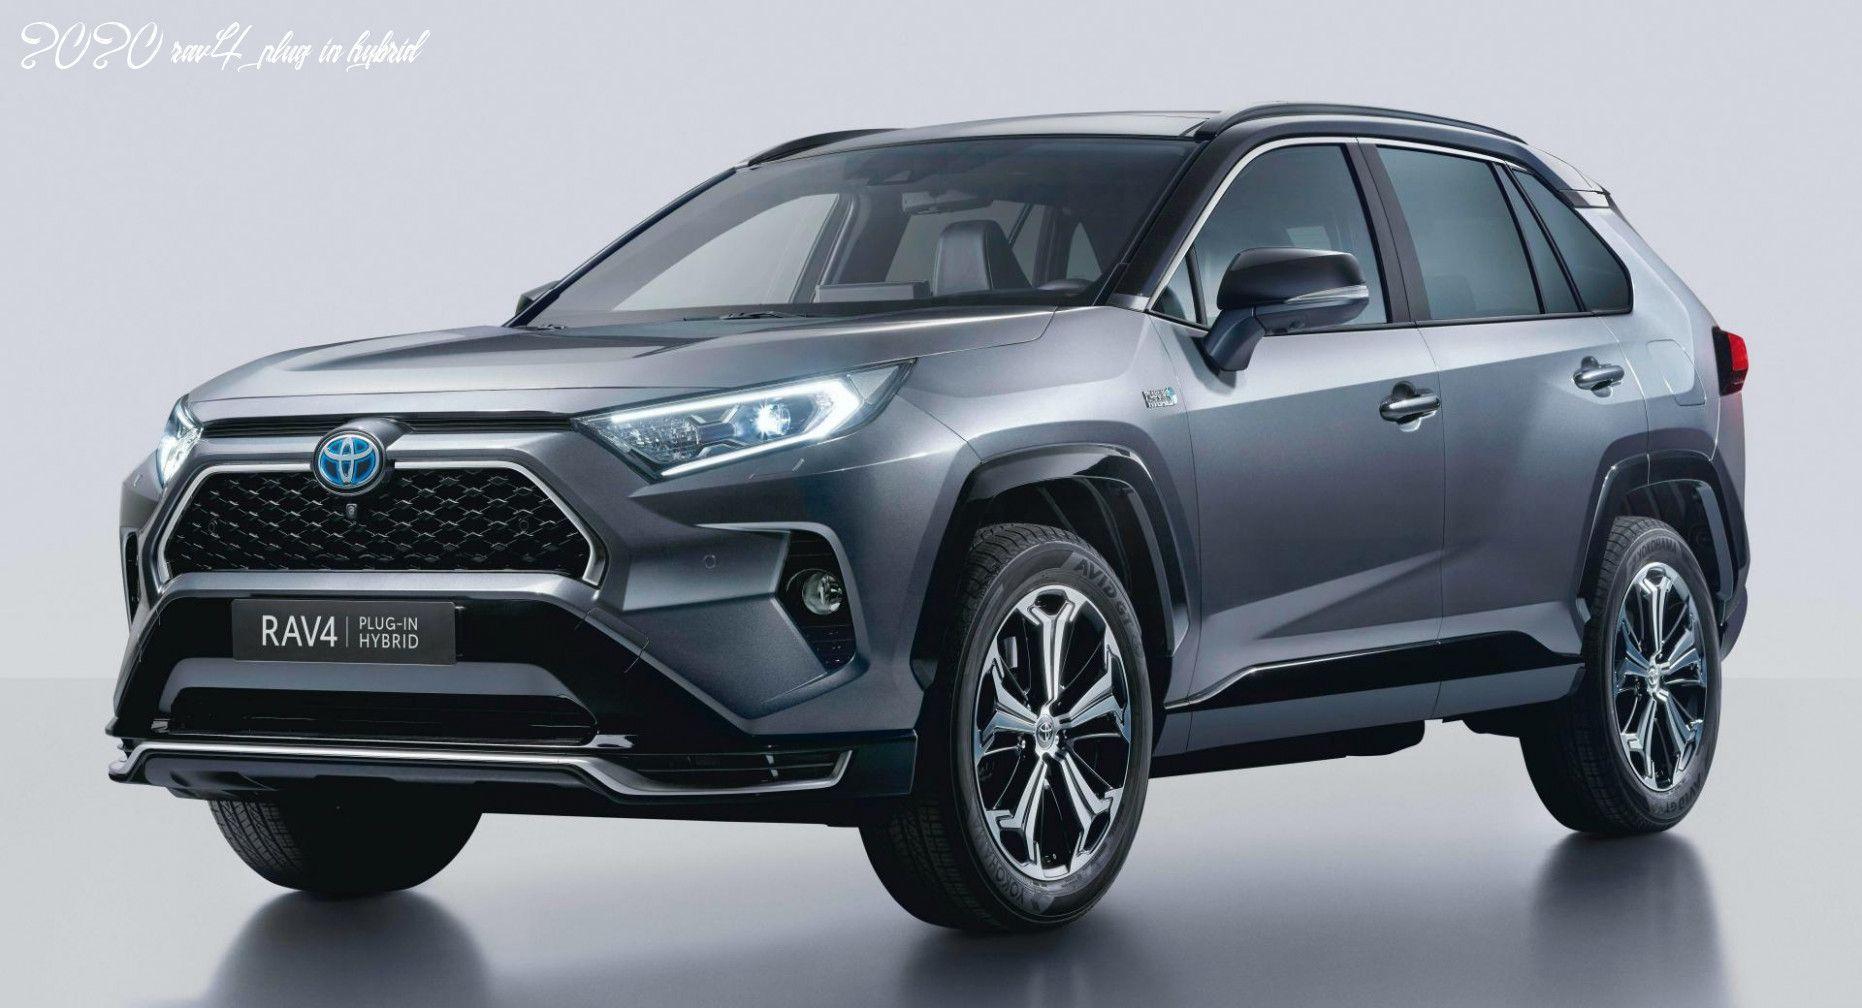 2020 Rav4 Plug In Hybrid In 2020 Toyota Rav4 Hybrid Toyota Rav4 Rav4 Hybrid